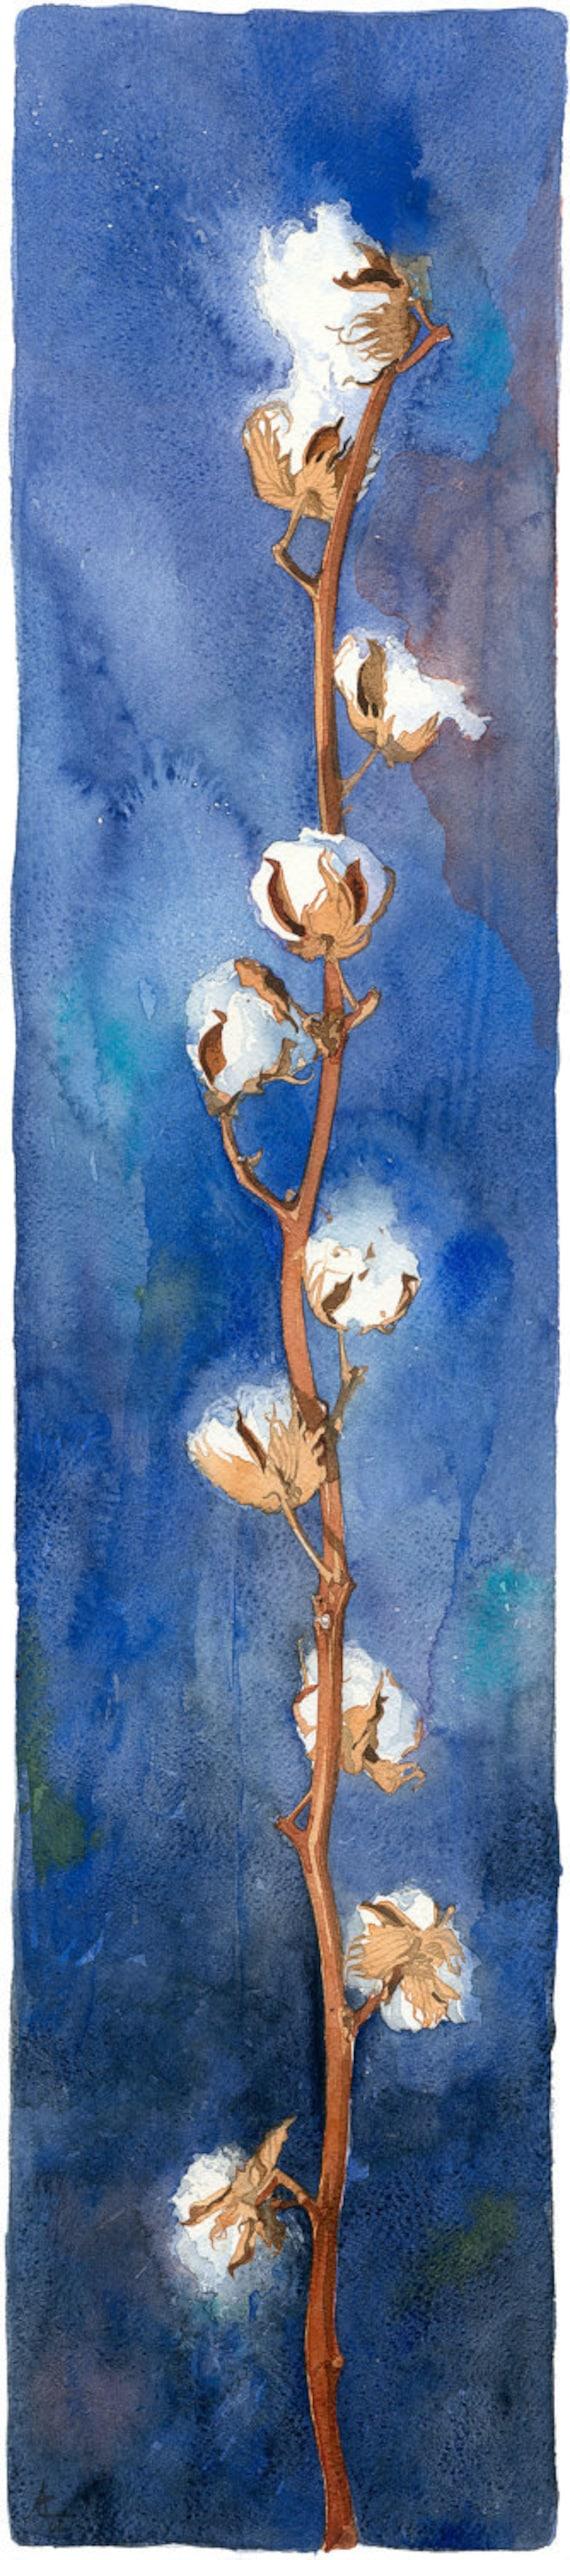 Cotton branch Watercolour Giclée print